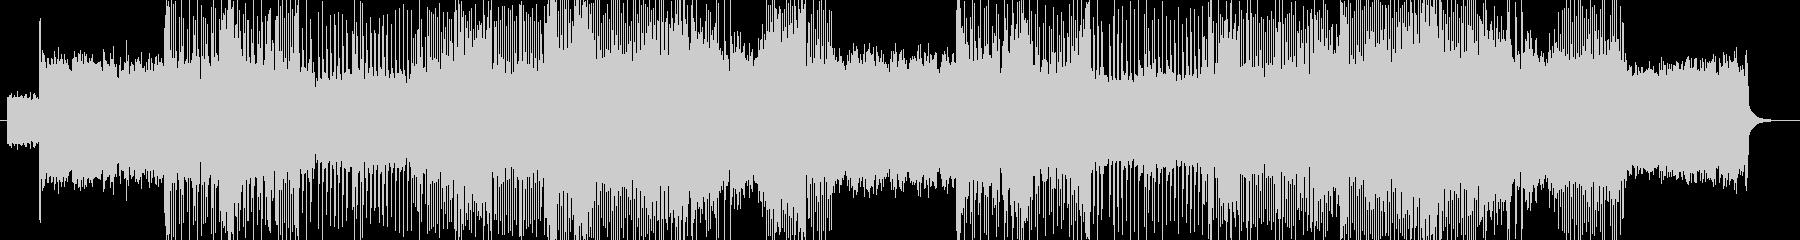 「HARD ROCK」BGM245の未再生の波形